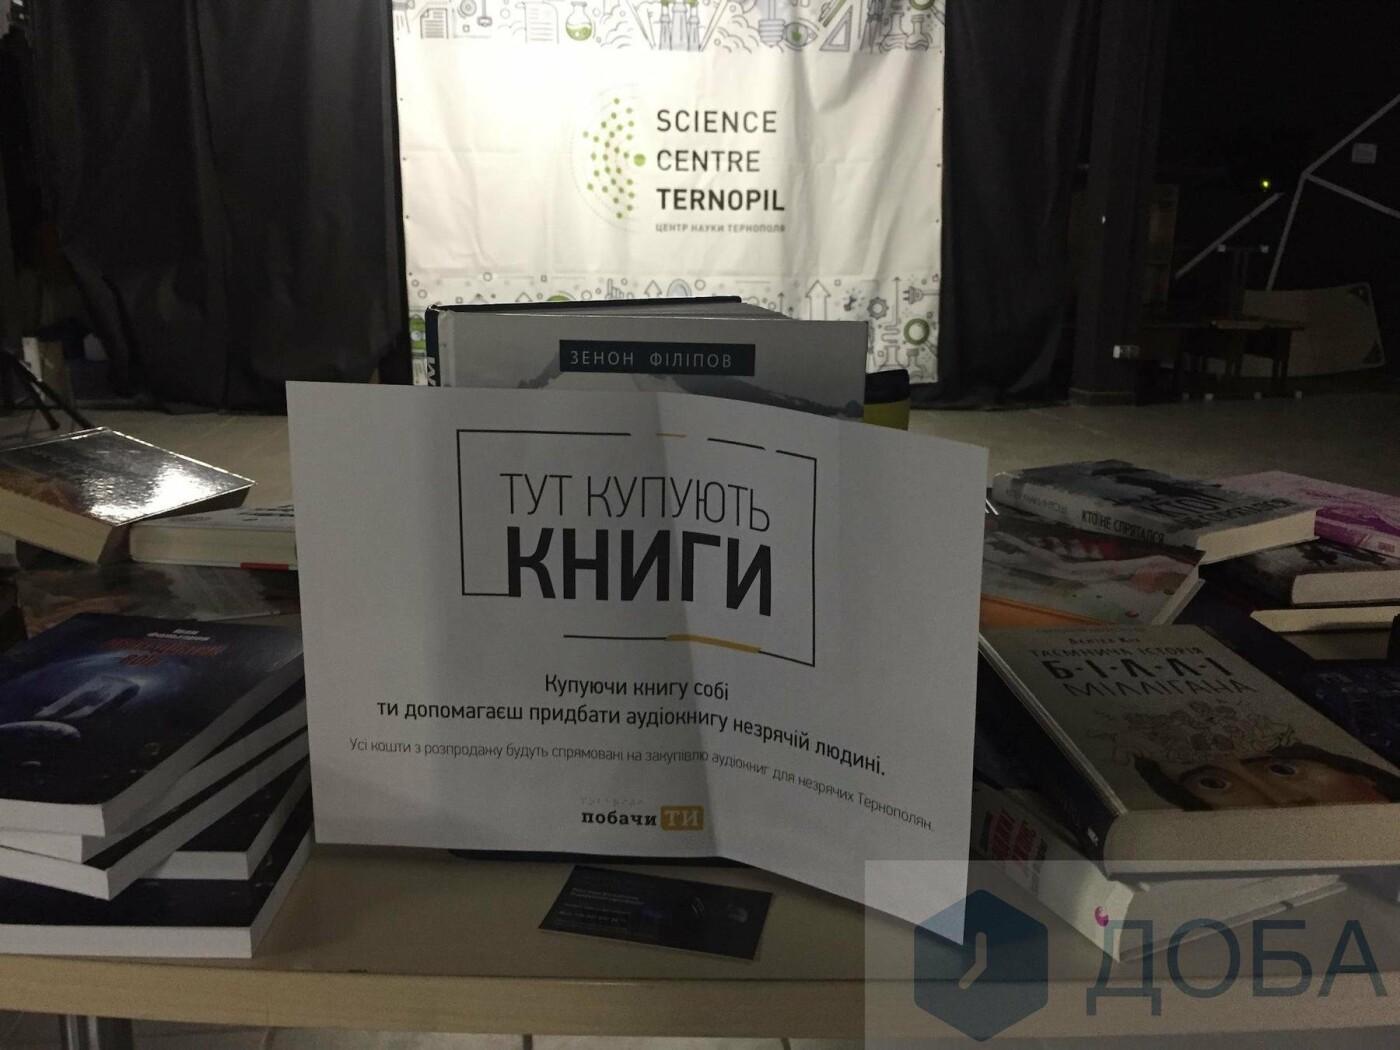 У Тернополі влаштували гаражний книжковий розпродаж (фото), фото-2